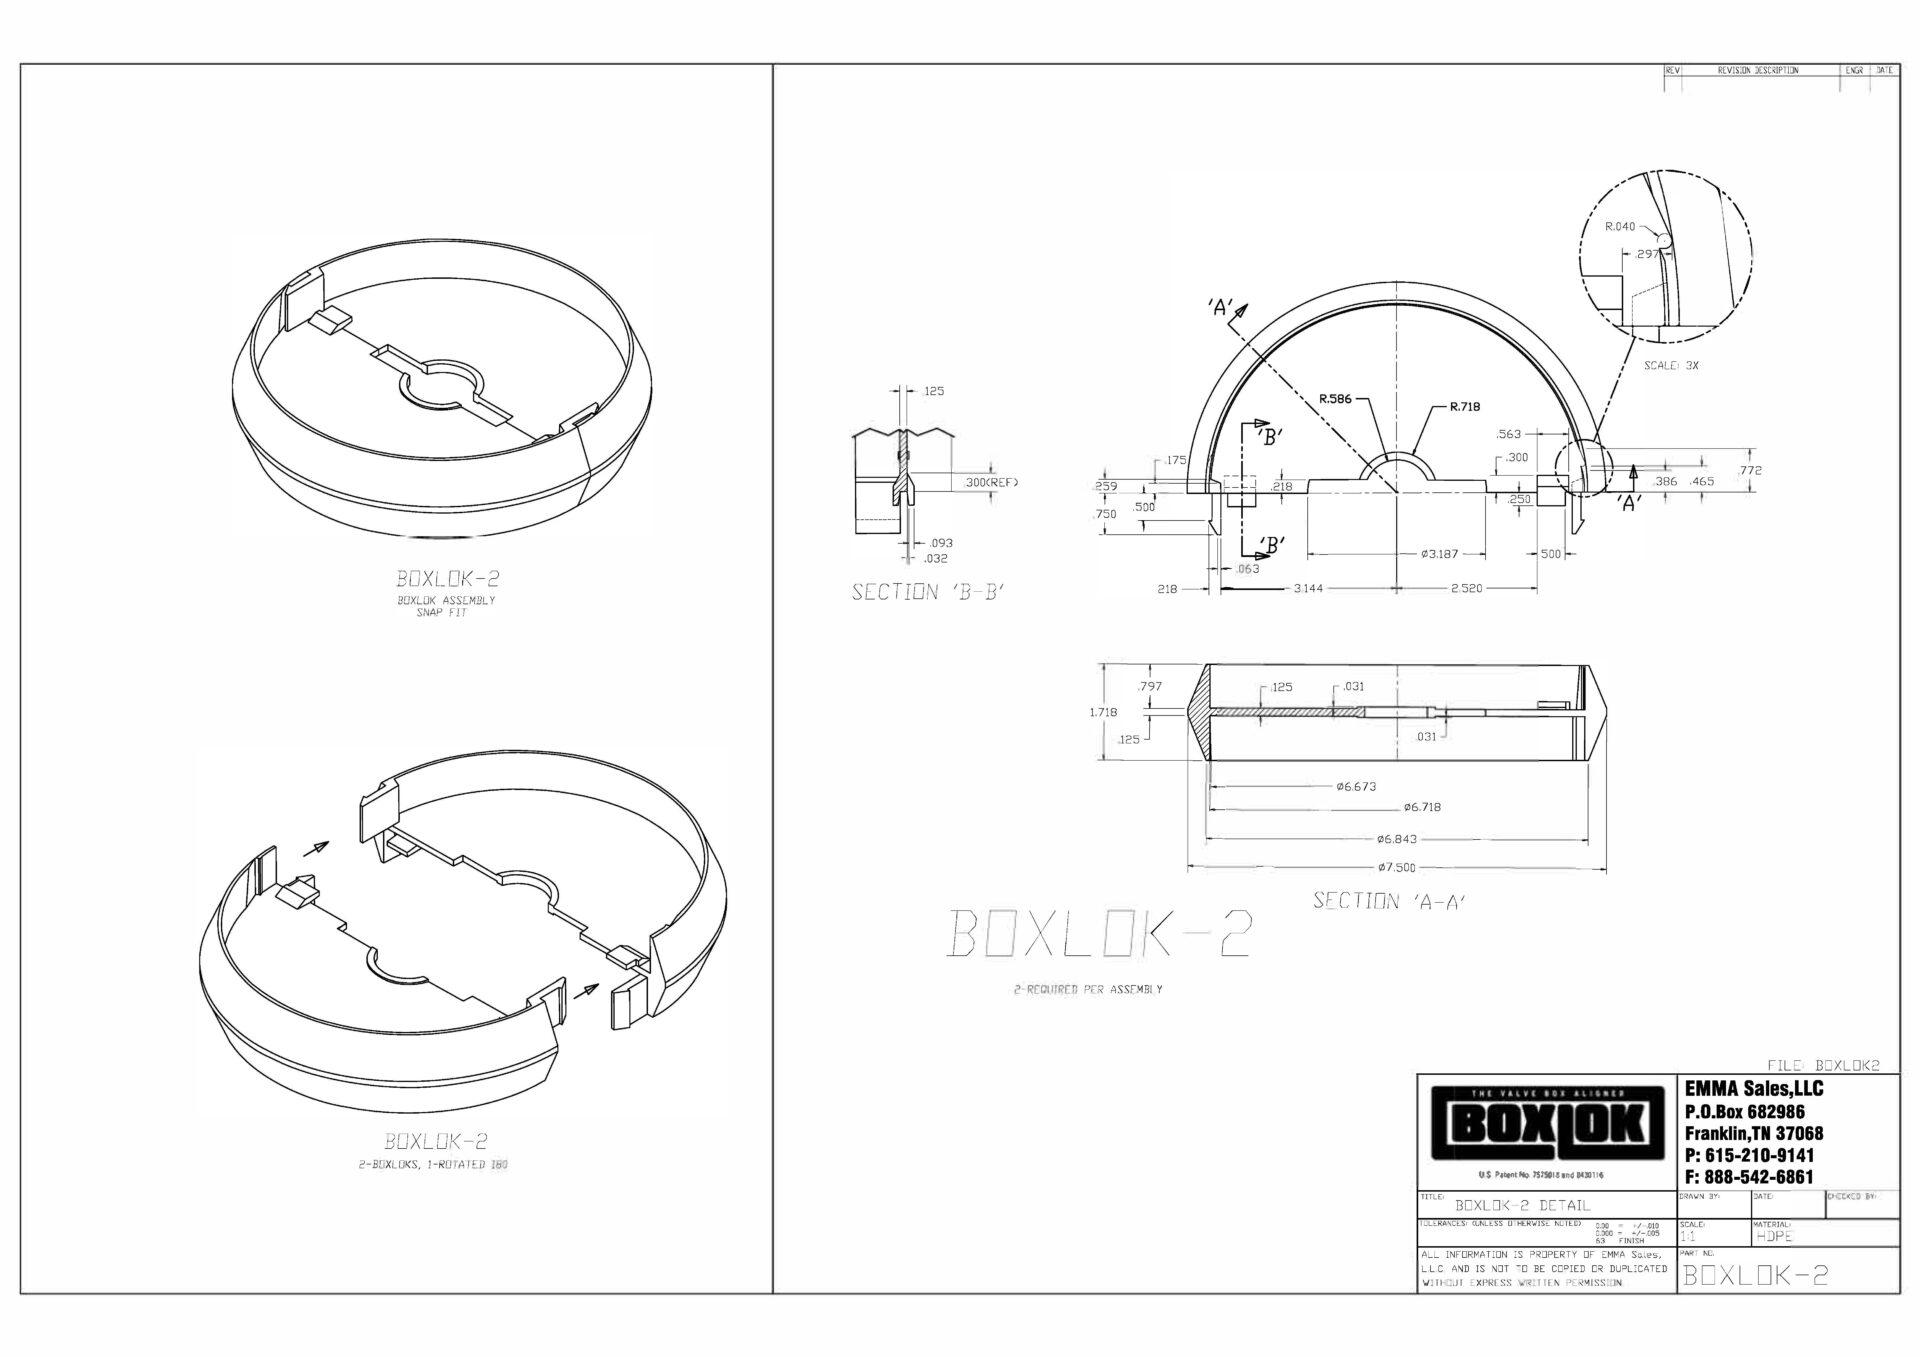 Boxlok-2 Drawing